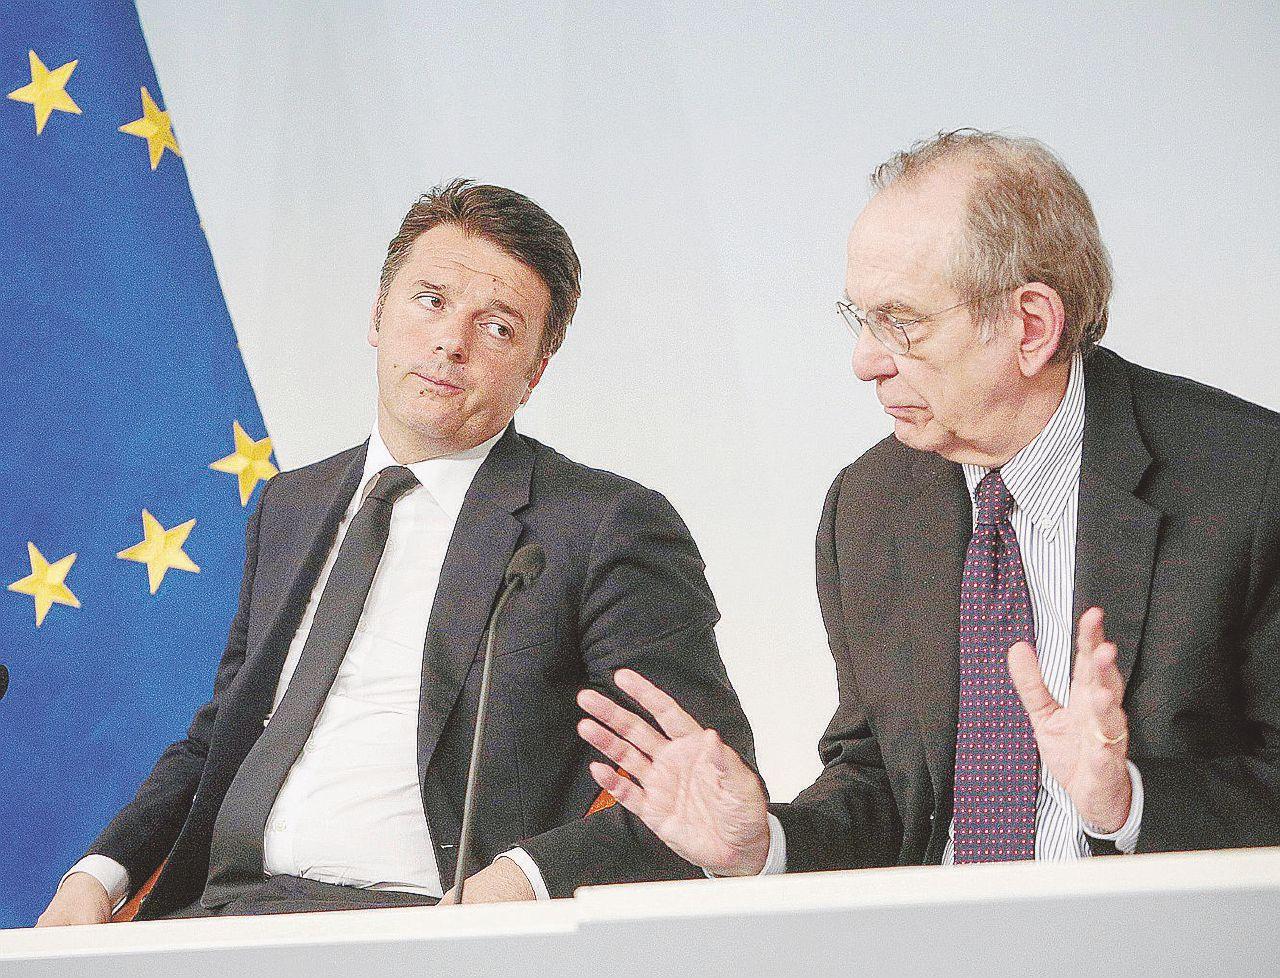 In Edicola sul Fatto Quotidiano del 12 febbraio: Renzi ha lasciato una voragine da 40 miliardi e fa pure il furbo